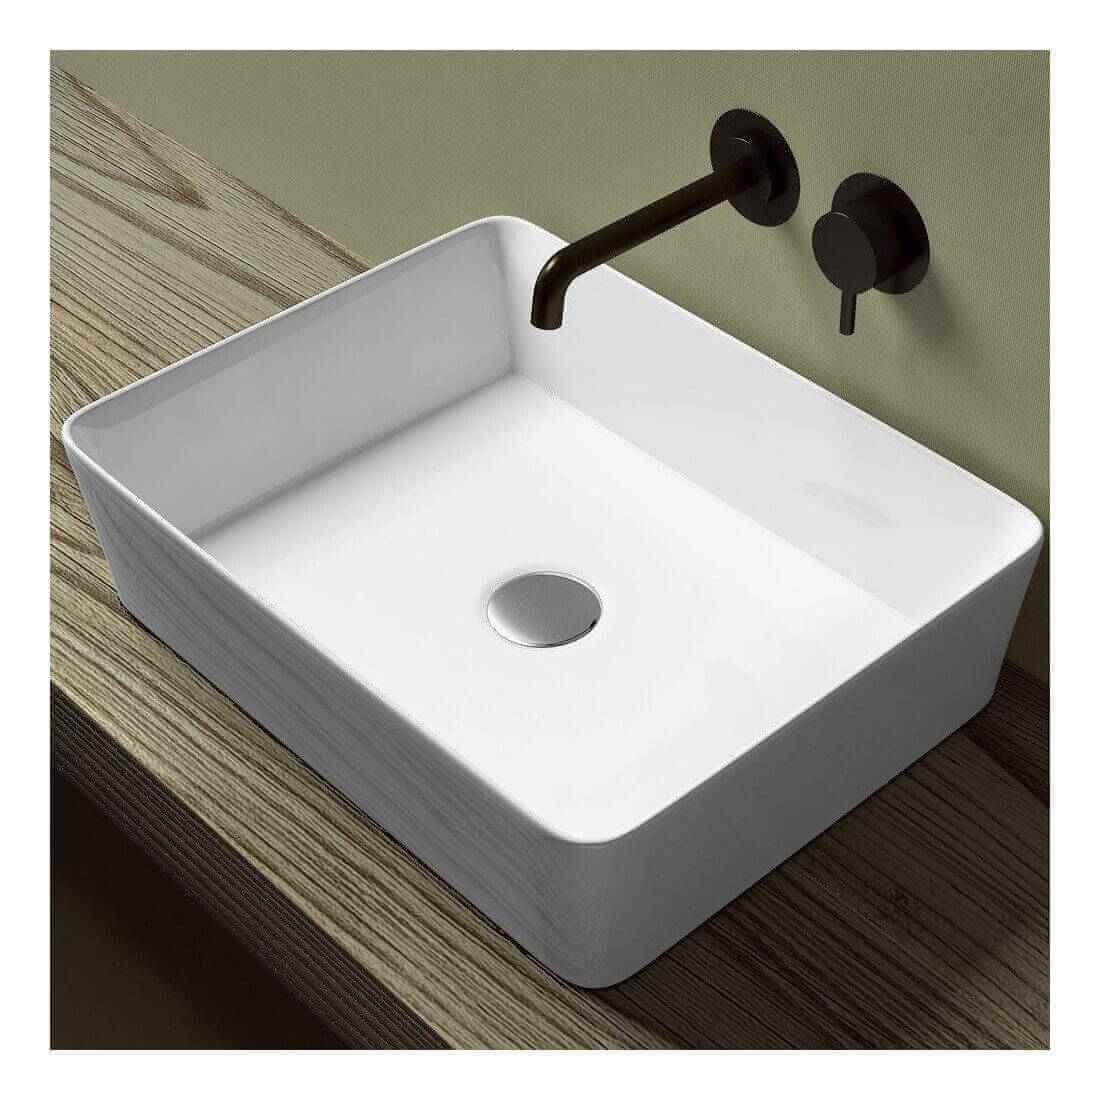 Lavabo sobre encimera adara the bath - Lavabos rectangulares sobre encimera ...